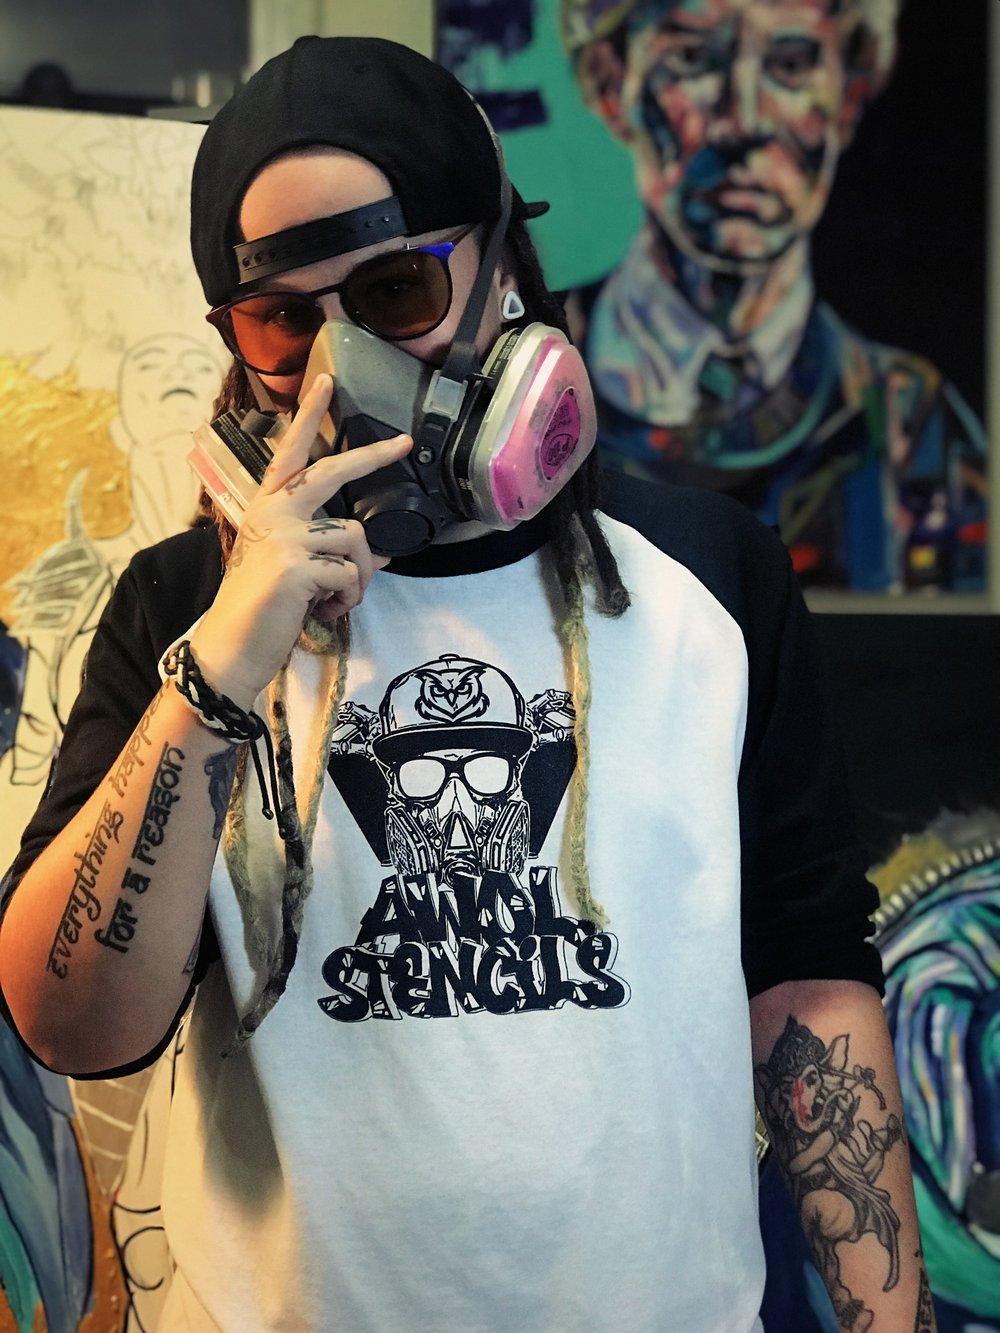 AWOL Stencils Shirt